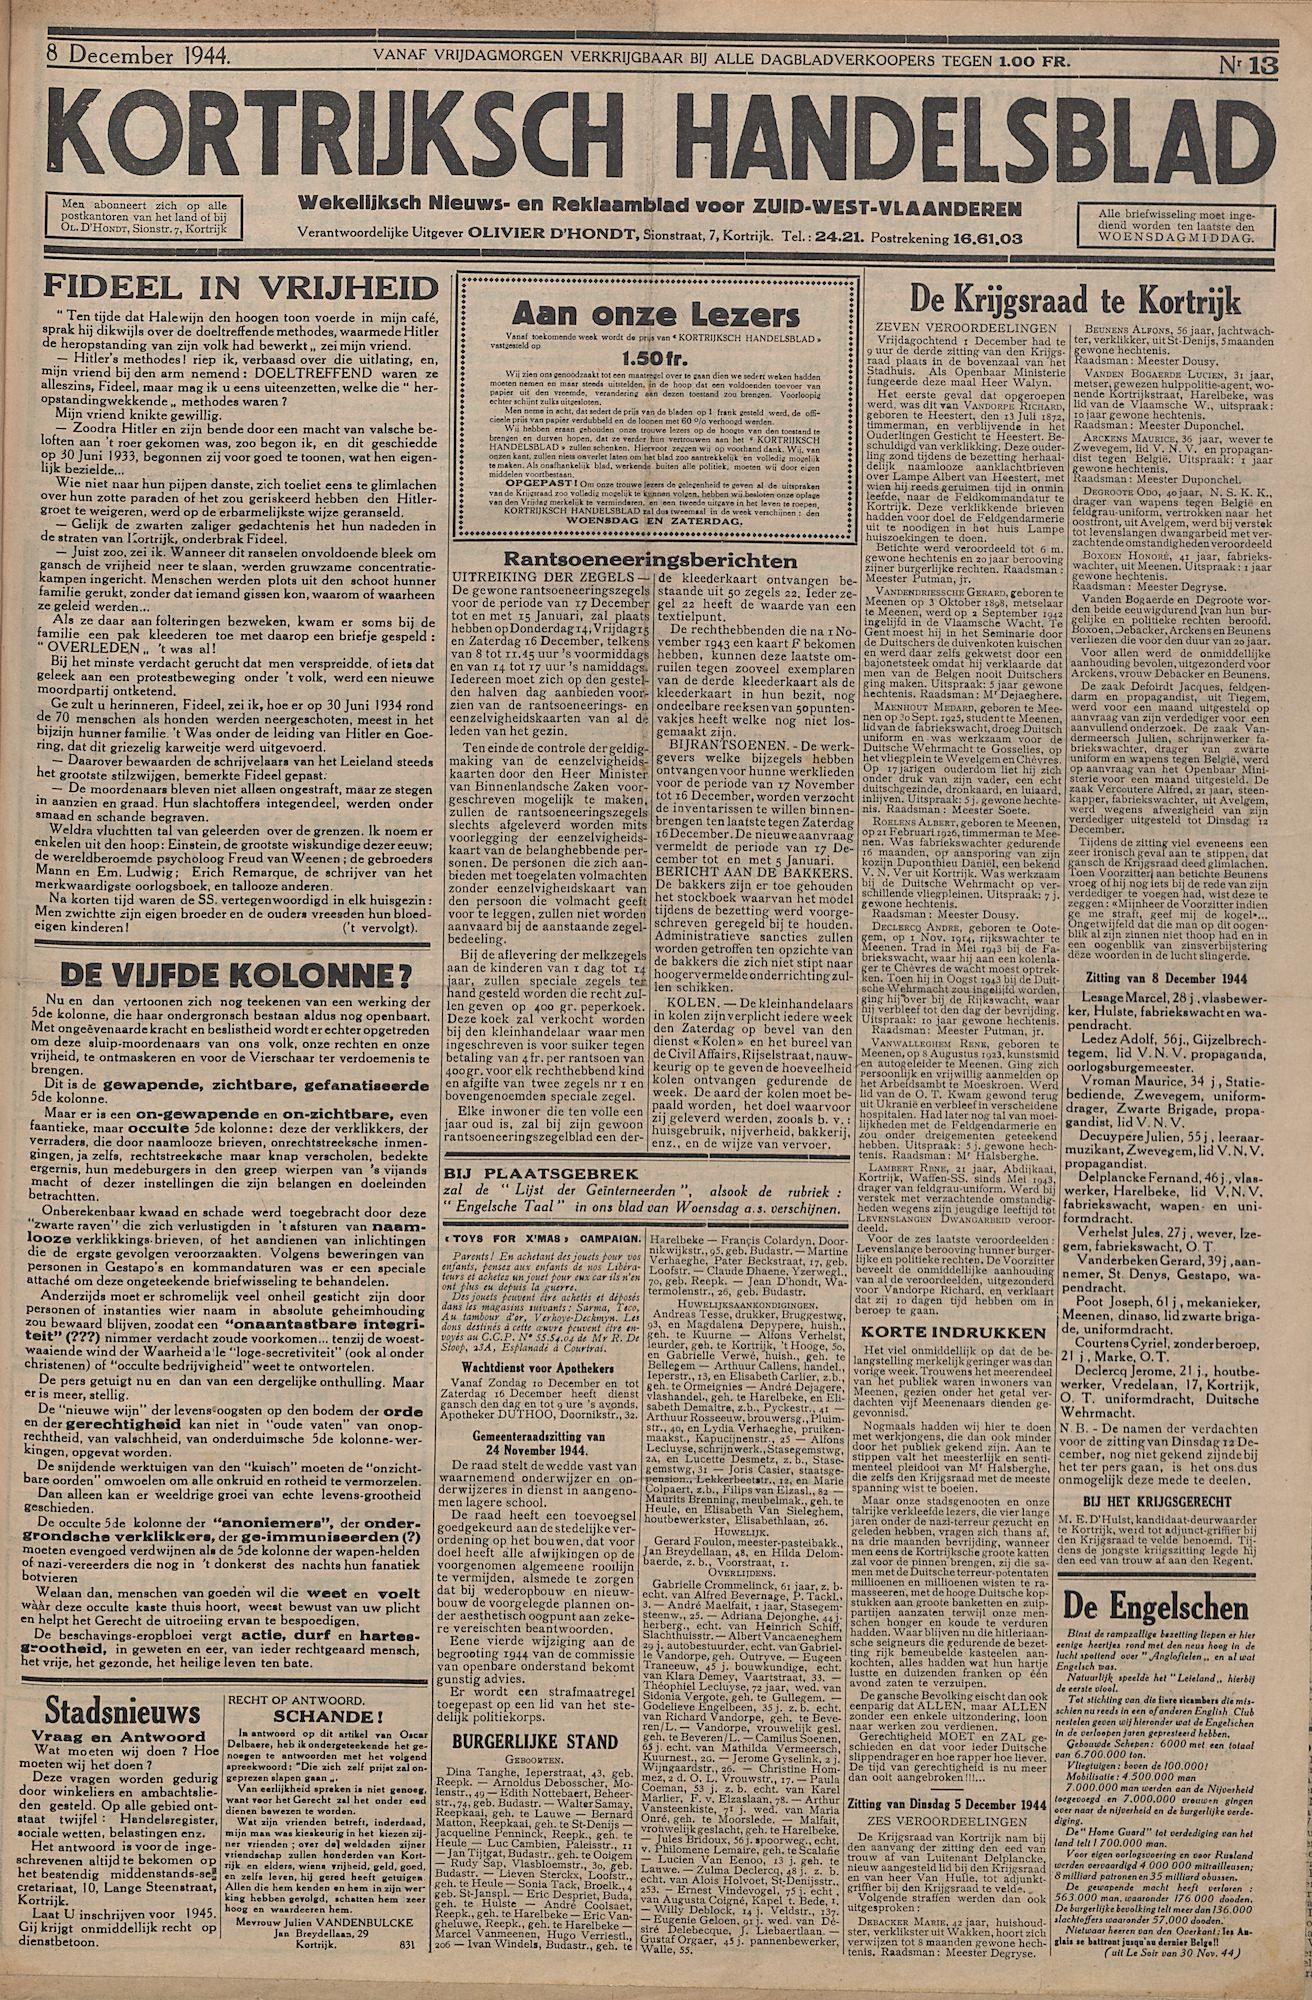 Kortrijksch Handelsblad 8 december 1944 Nr13 p1